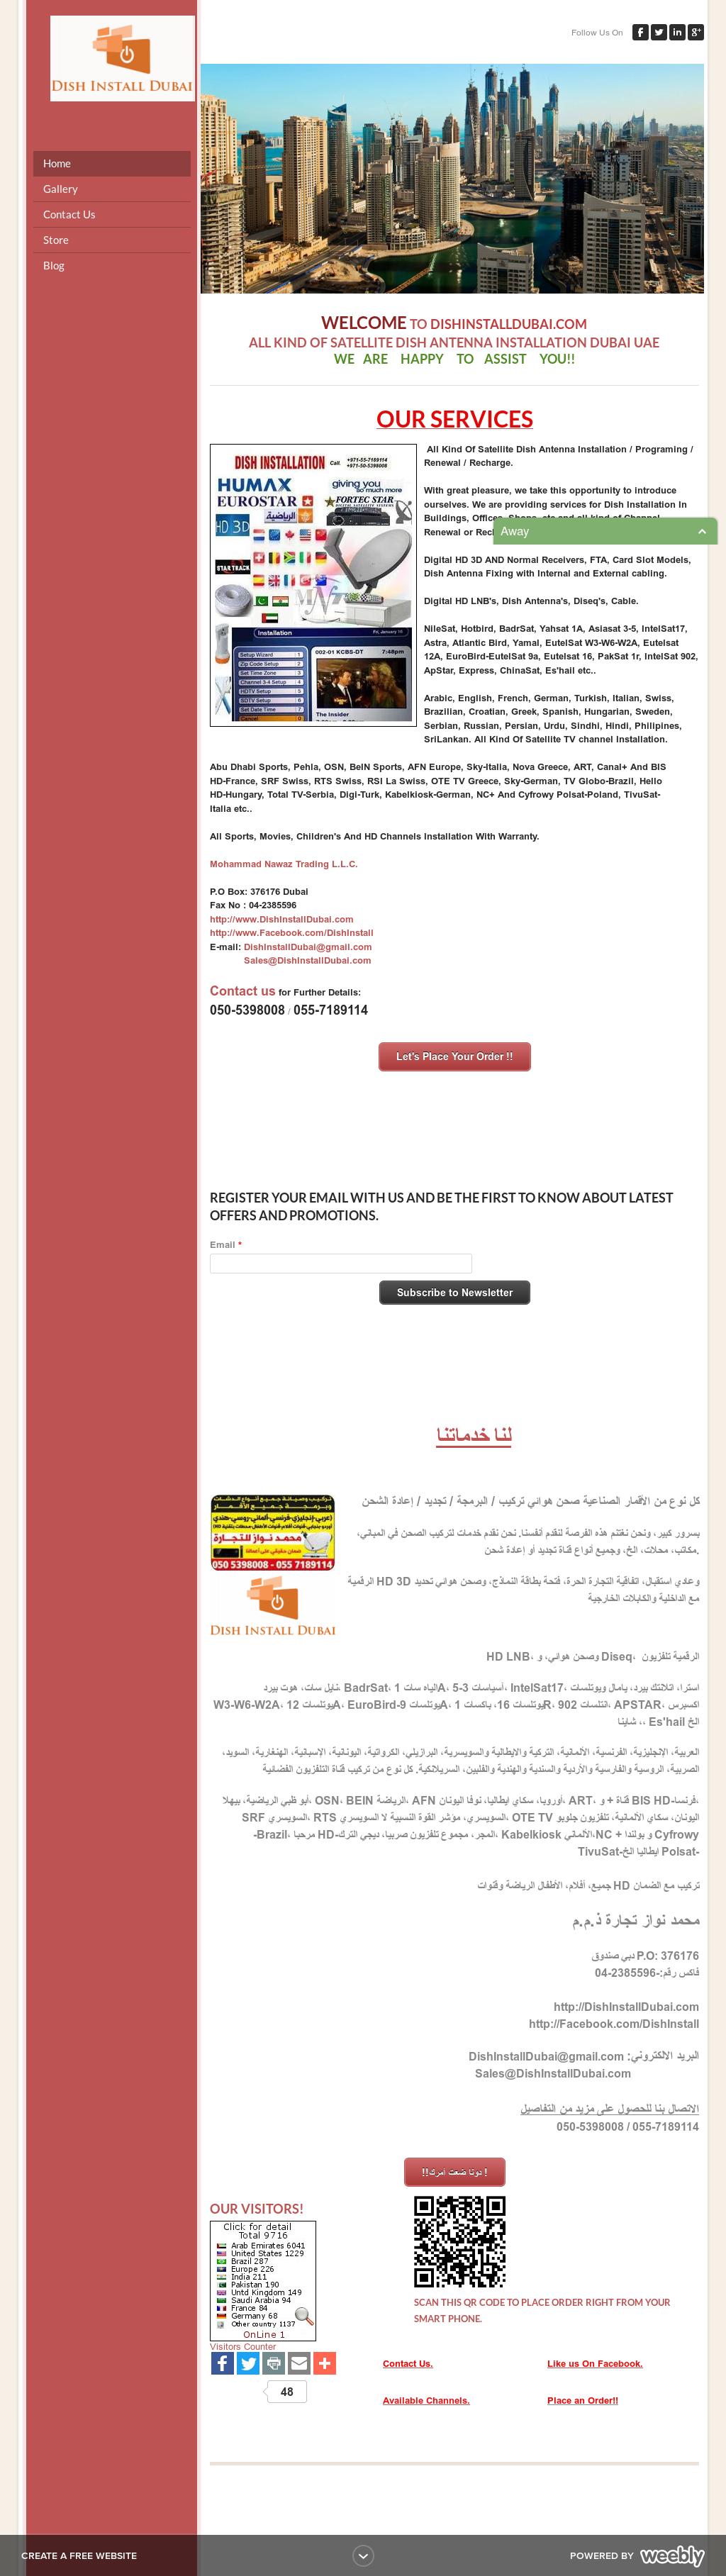 Satellite Dish Antenna Installation Dubai Uae Competitors, Revenue